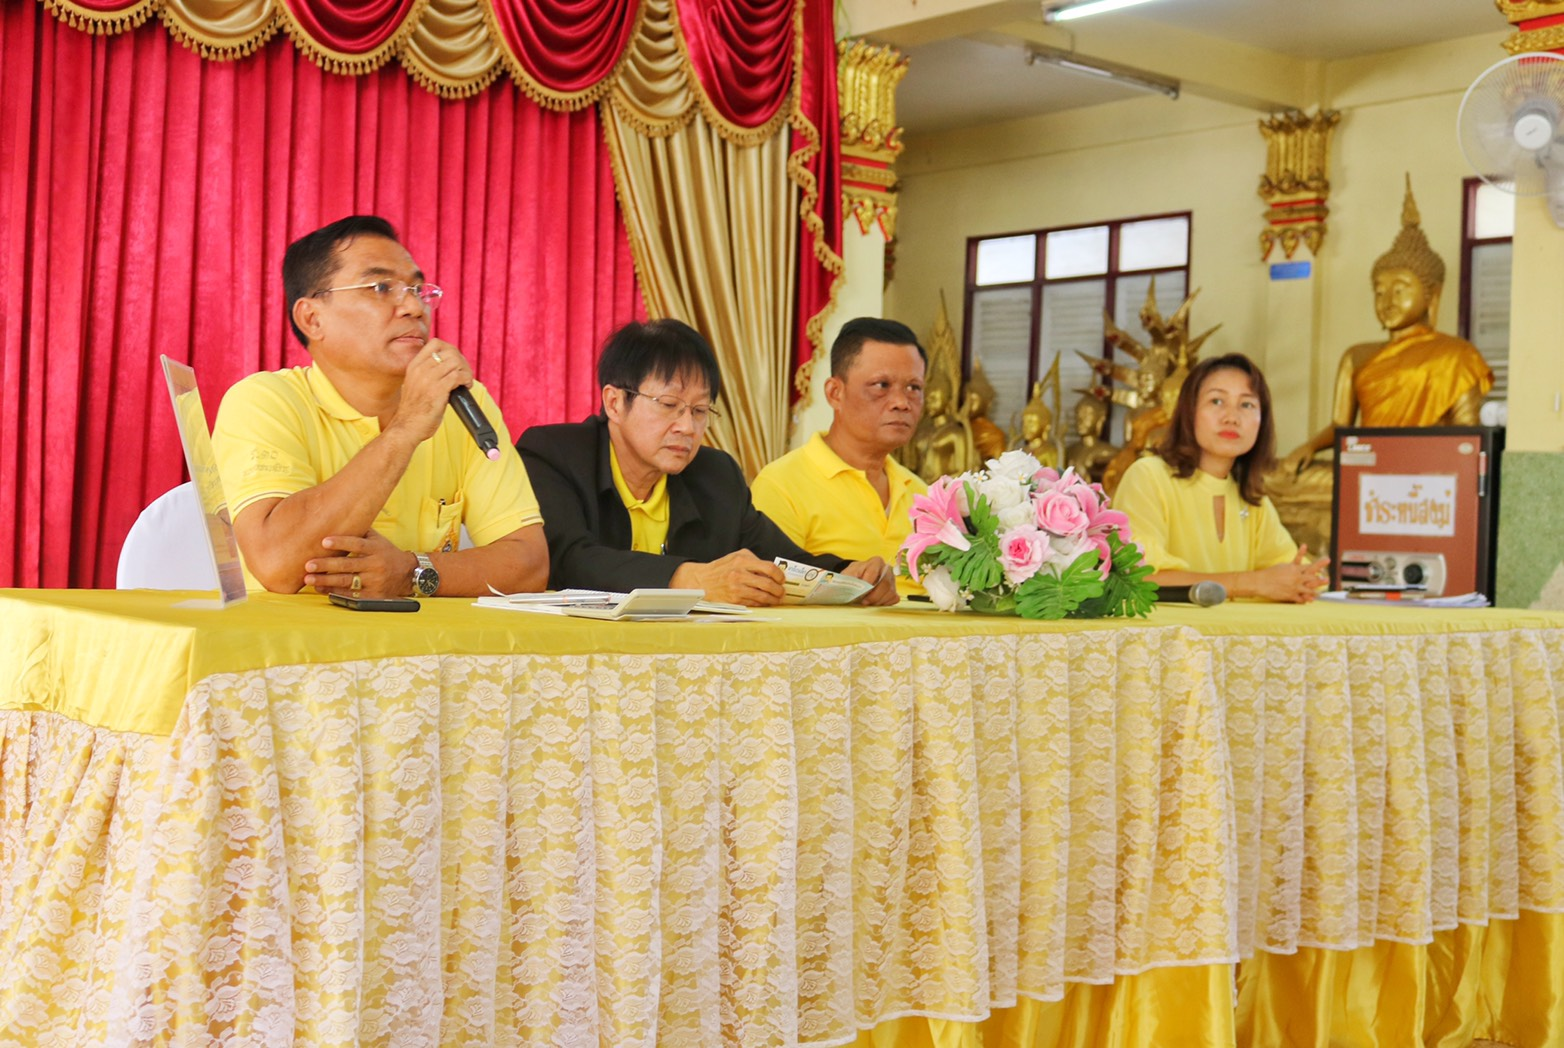 กปภ.สาขาปทุมธานี ร่วมกับ กปภ.สาขารังสิต (ชั้นพิเศษ) จัดโครงการ เติมใจให้กัน (Home Care) ณ ศาลาการเปรียญวัดเสด็จ ต.สวนพริกไทย อ.เมือง จ.ปทุมธานี